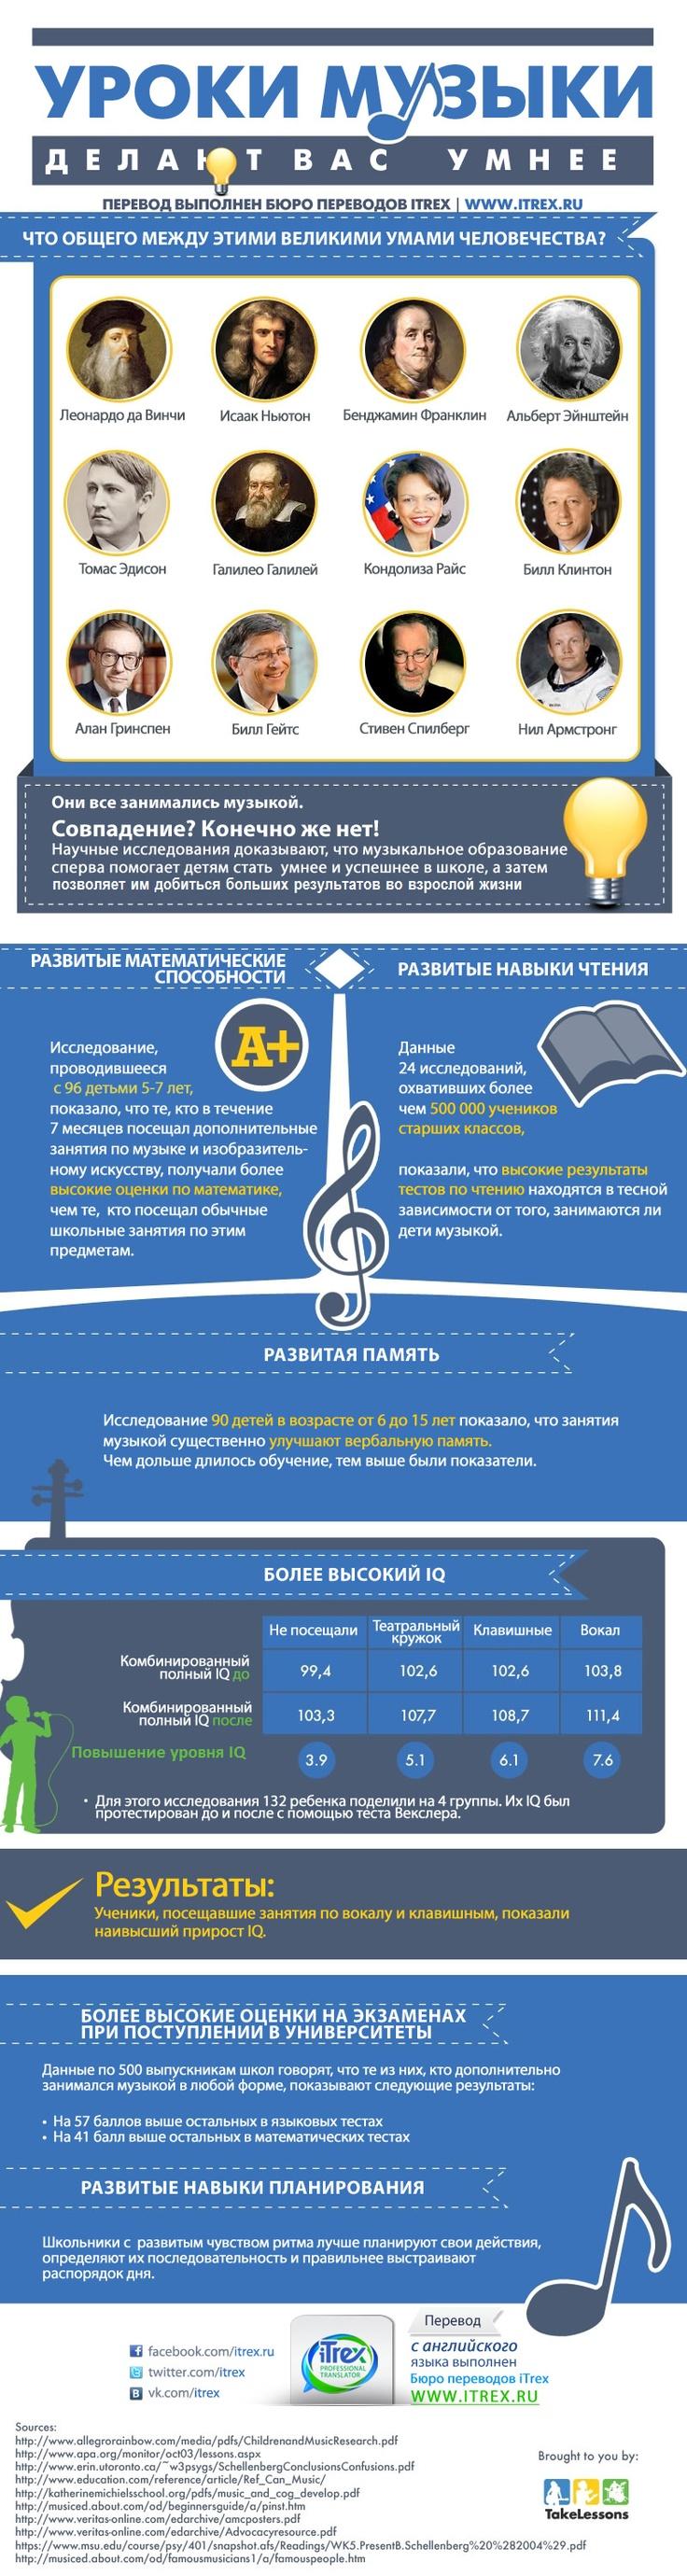 Уроки музыки делают вас умнее  Вы уже думали, куда отдать своего ребенка на дополнительные занятия? Выбирайте музыку! Научные исследования доказывают, что музыкальное образование помогает детям стать умнее и успешнее в школе, а затем позволяет им добиться больших результатов во взрослой жизни. Не верите? Смотрите новый перевод инфографики.